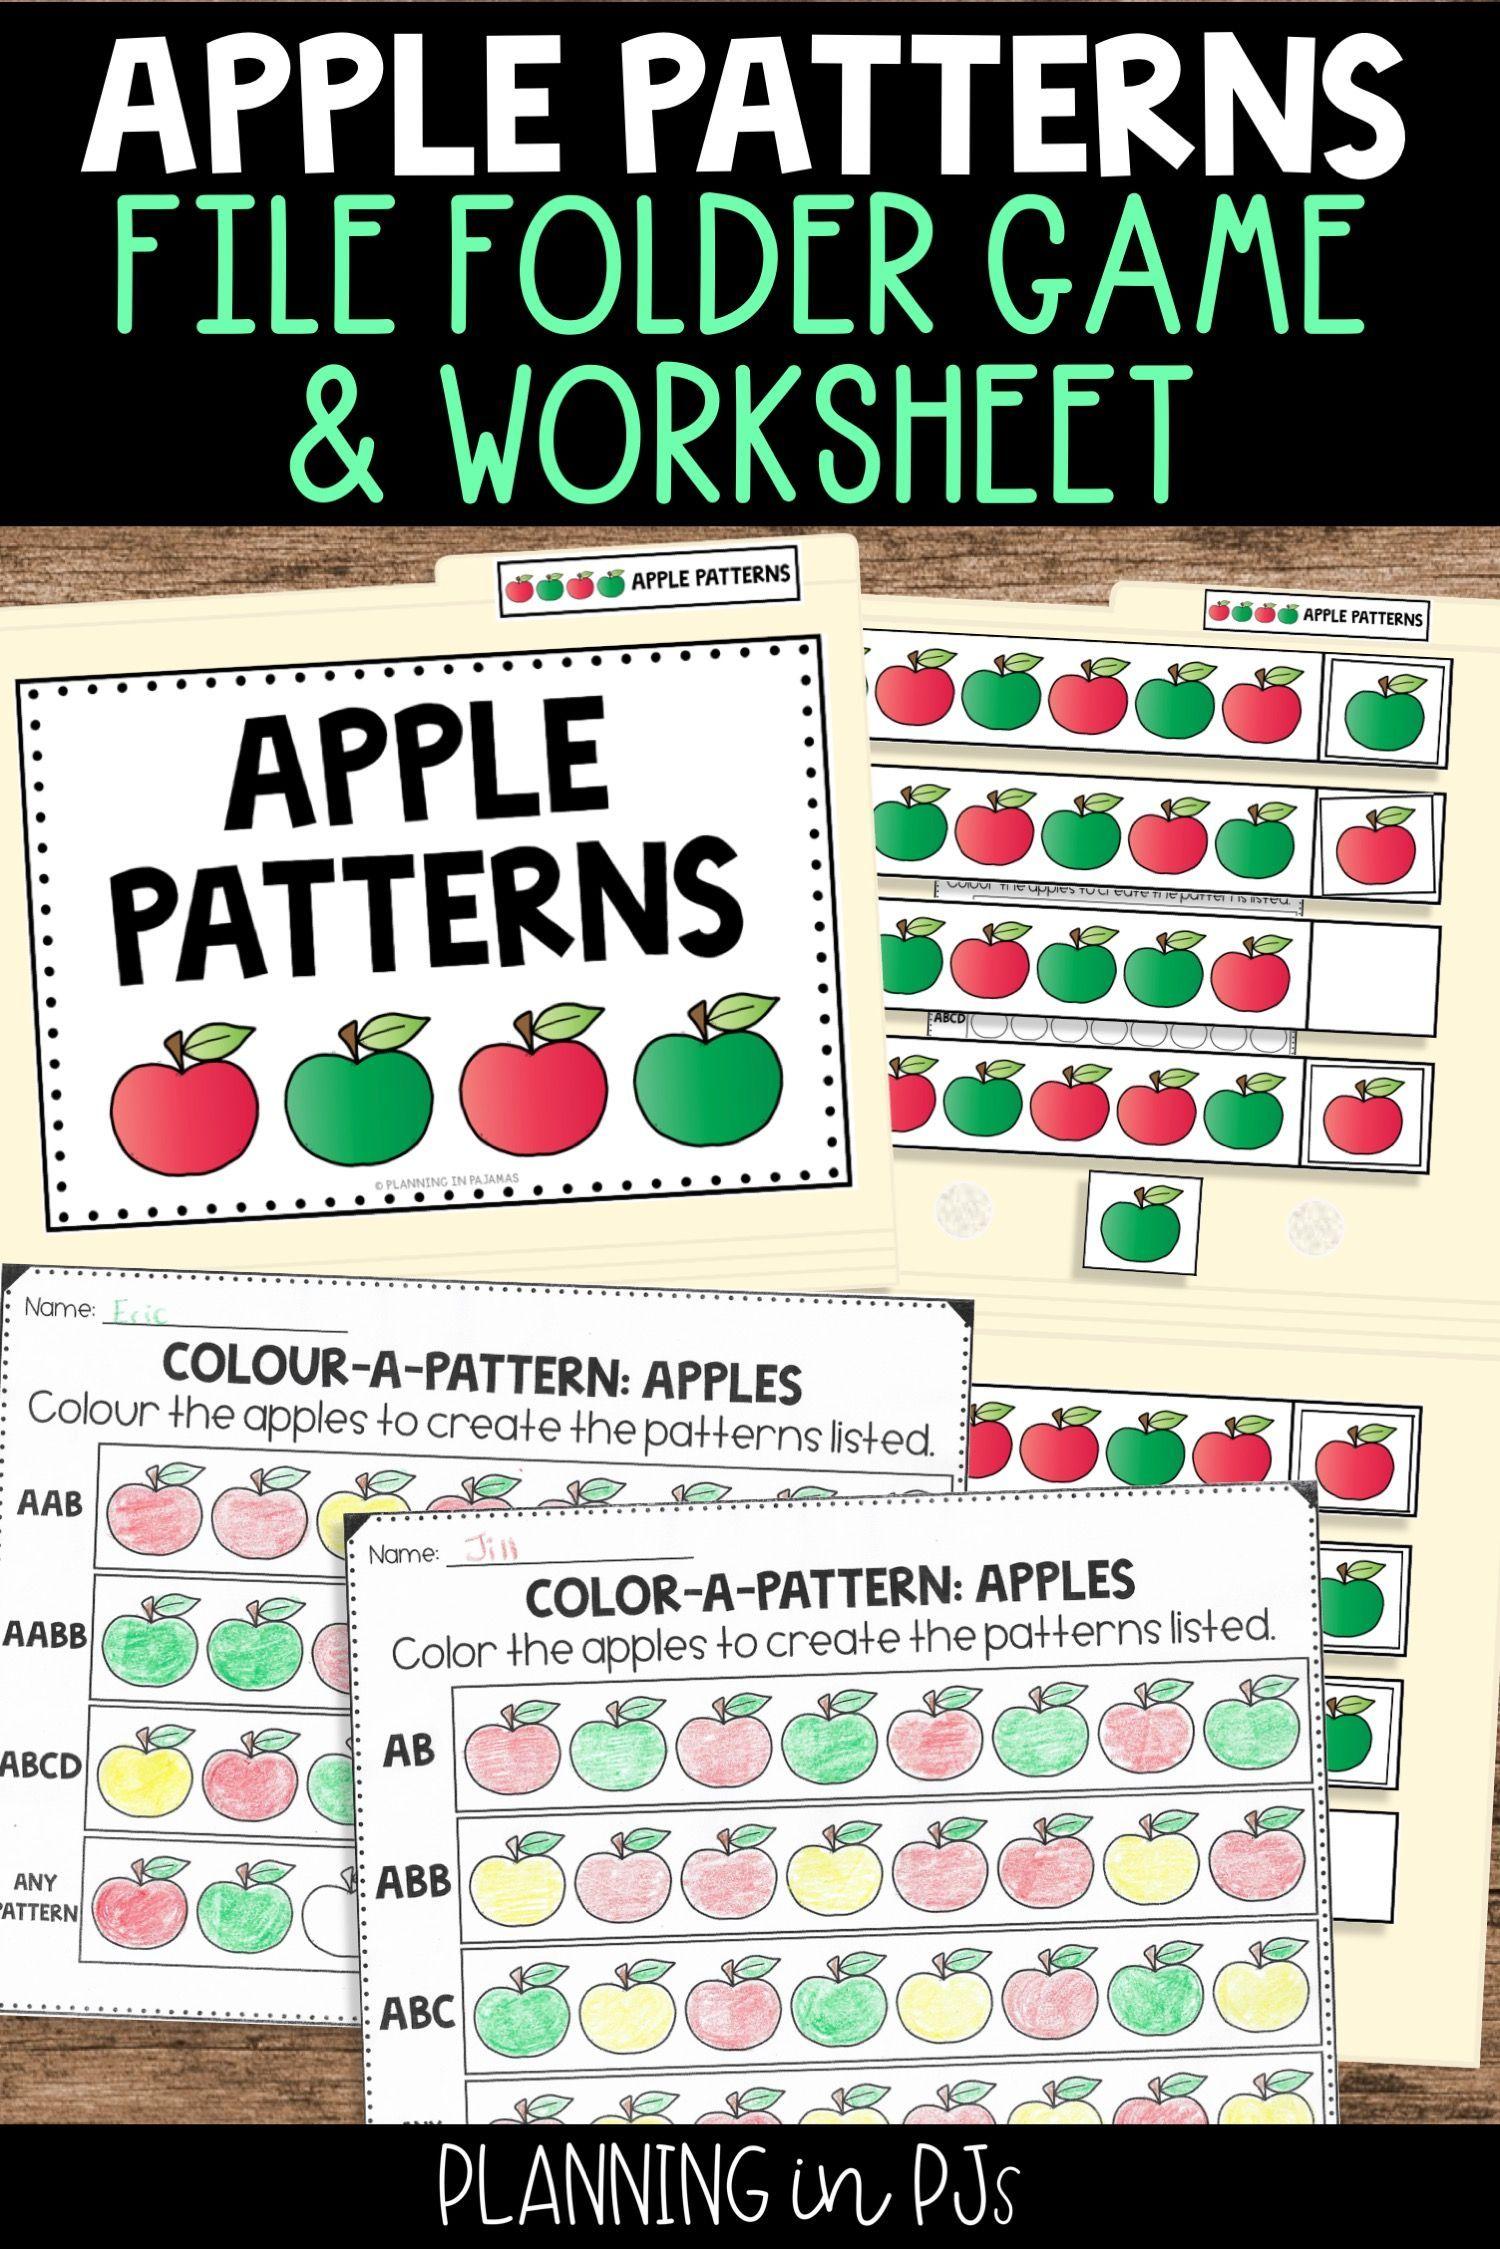 Apple Patterns Worksheets File Folder Game